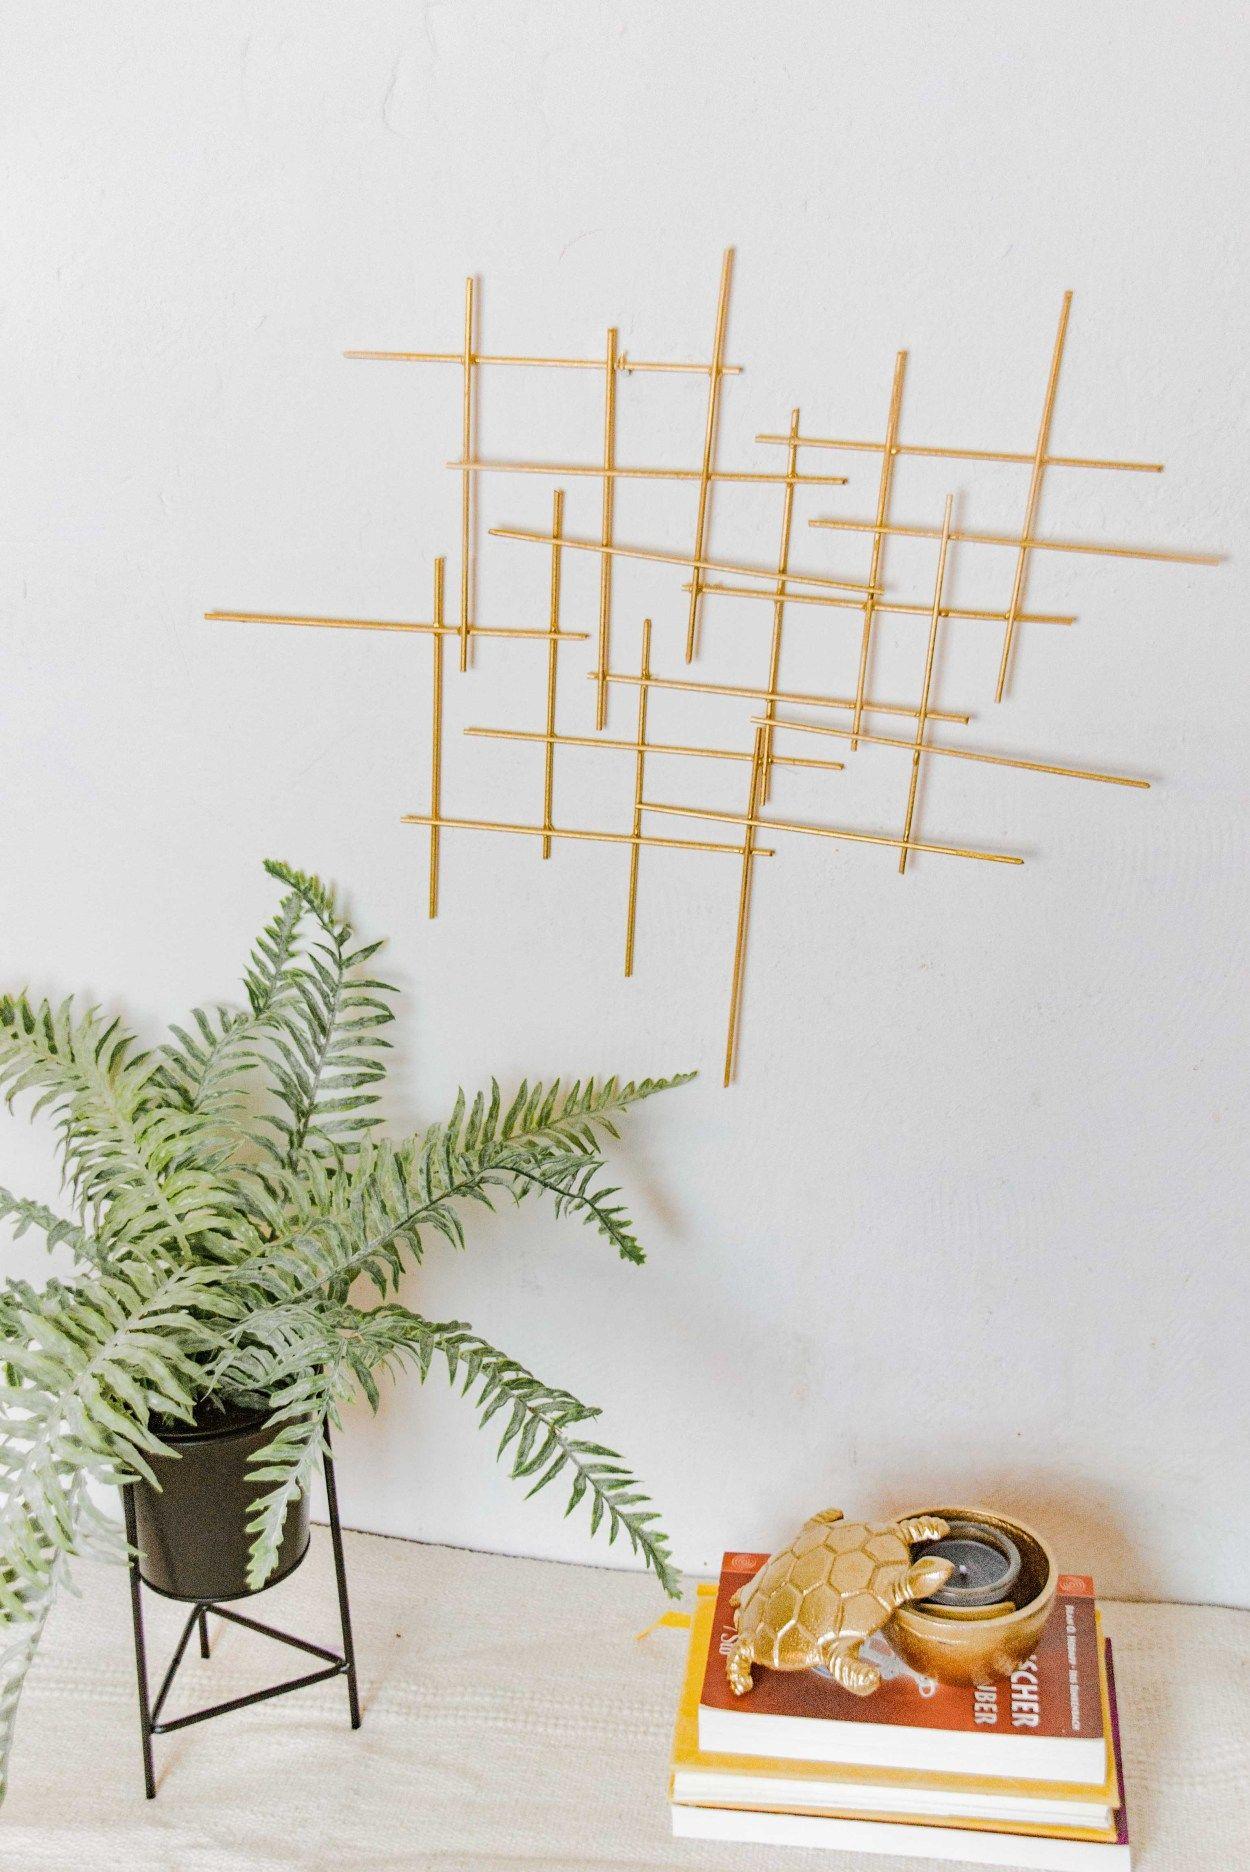 Diy Wanddeko In Gold Deko Selber Basteln Juliatothefullest Diy Wanddeko Wanddeko Ideen Wanddeko Selbstgemacht